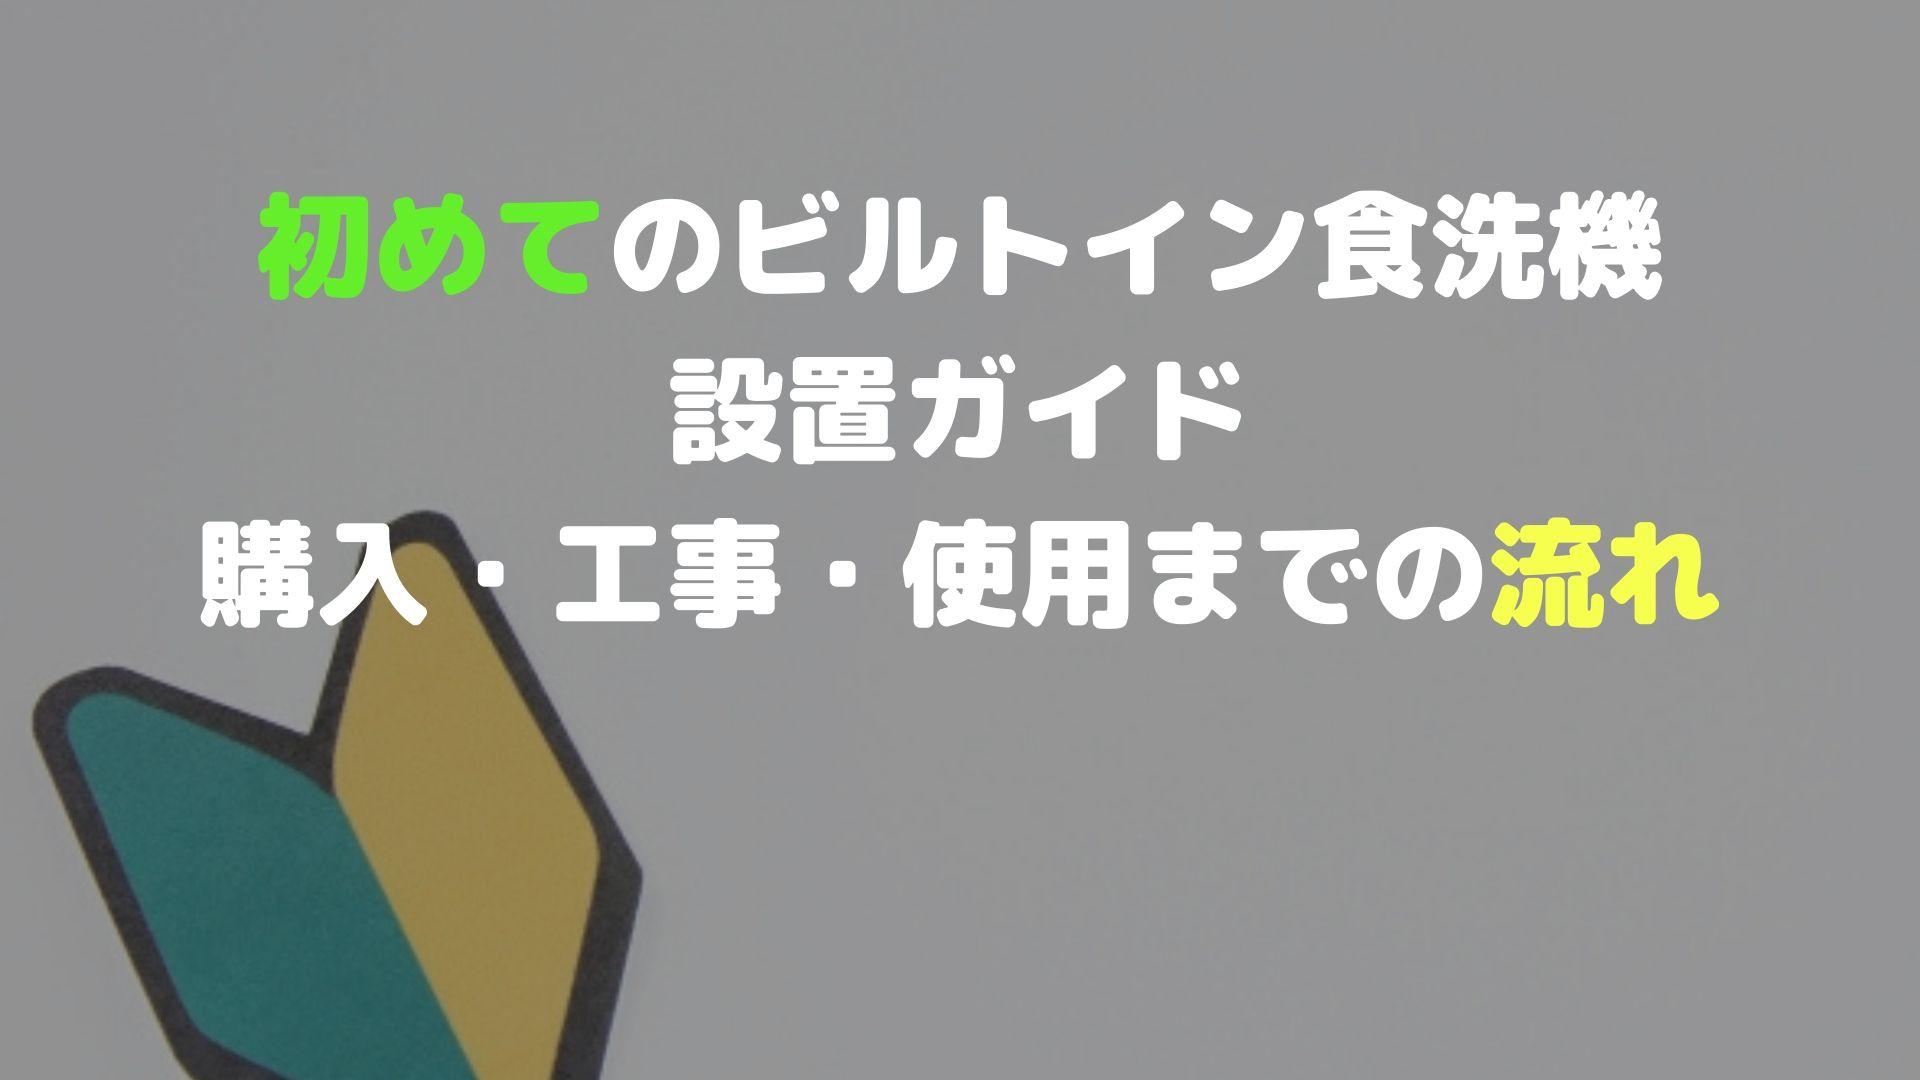 初めてのビルトイン食洗機設置ガイド【購入・工事・使用までの流れ】